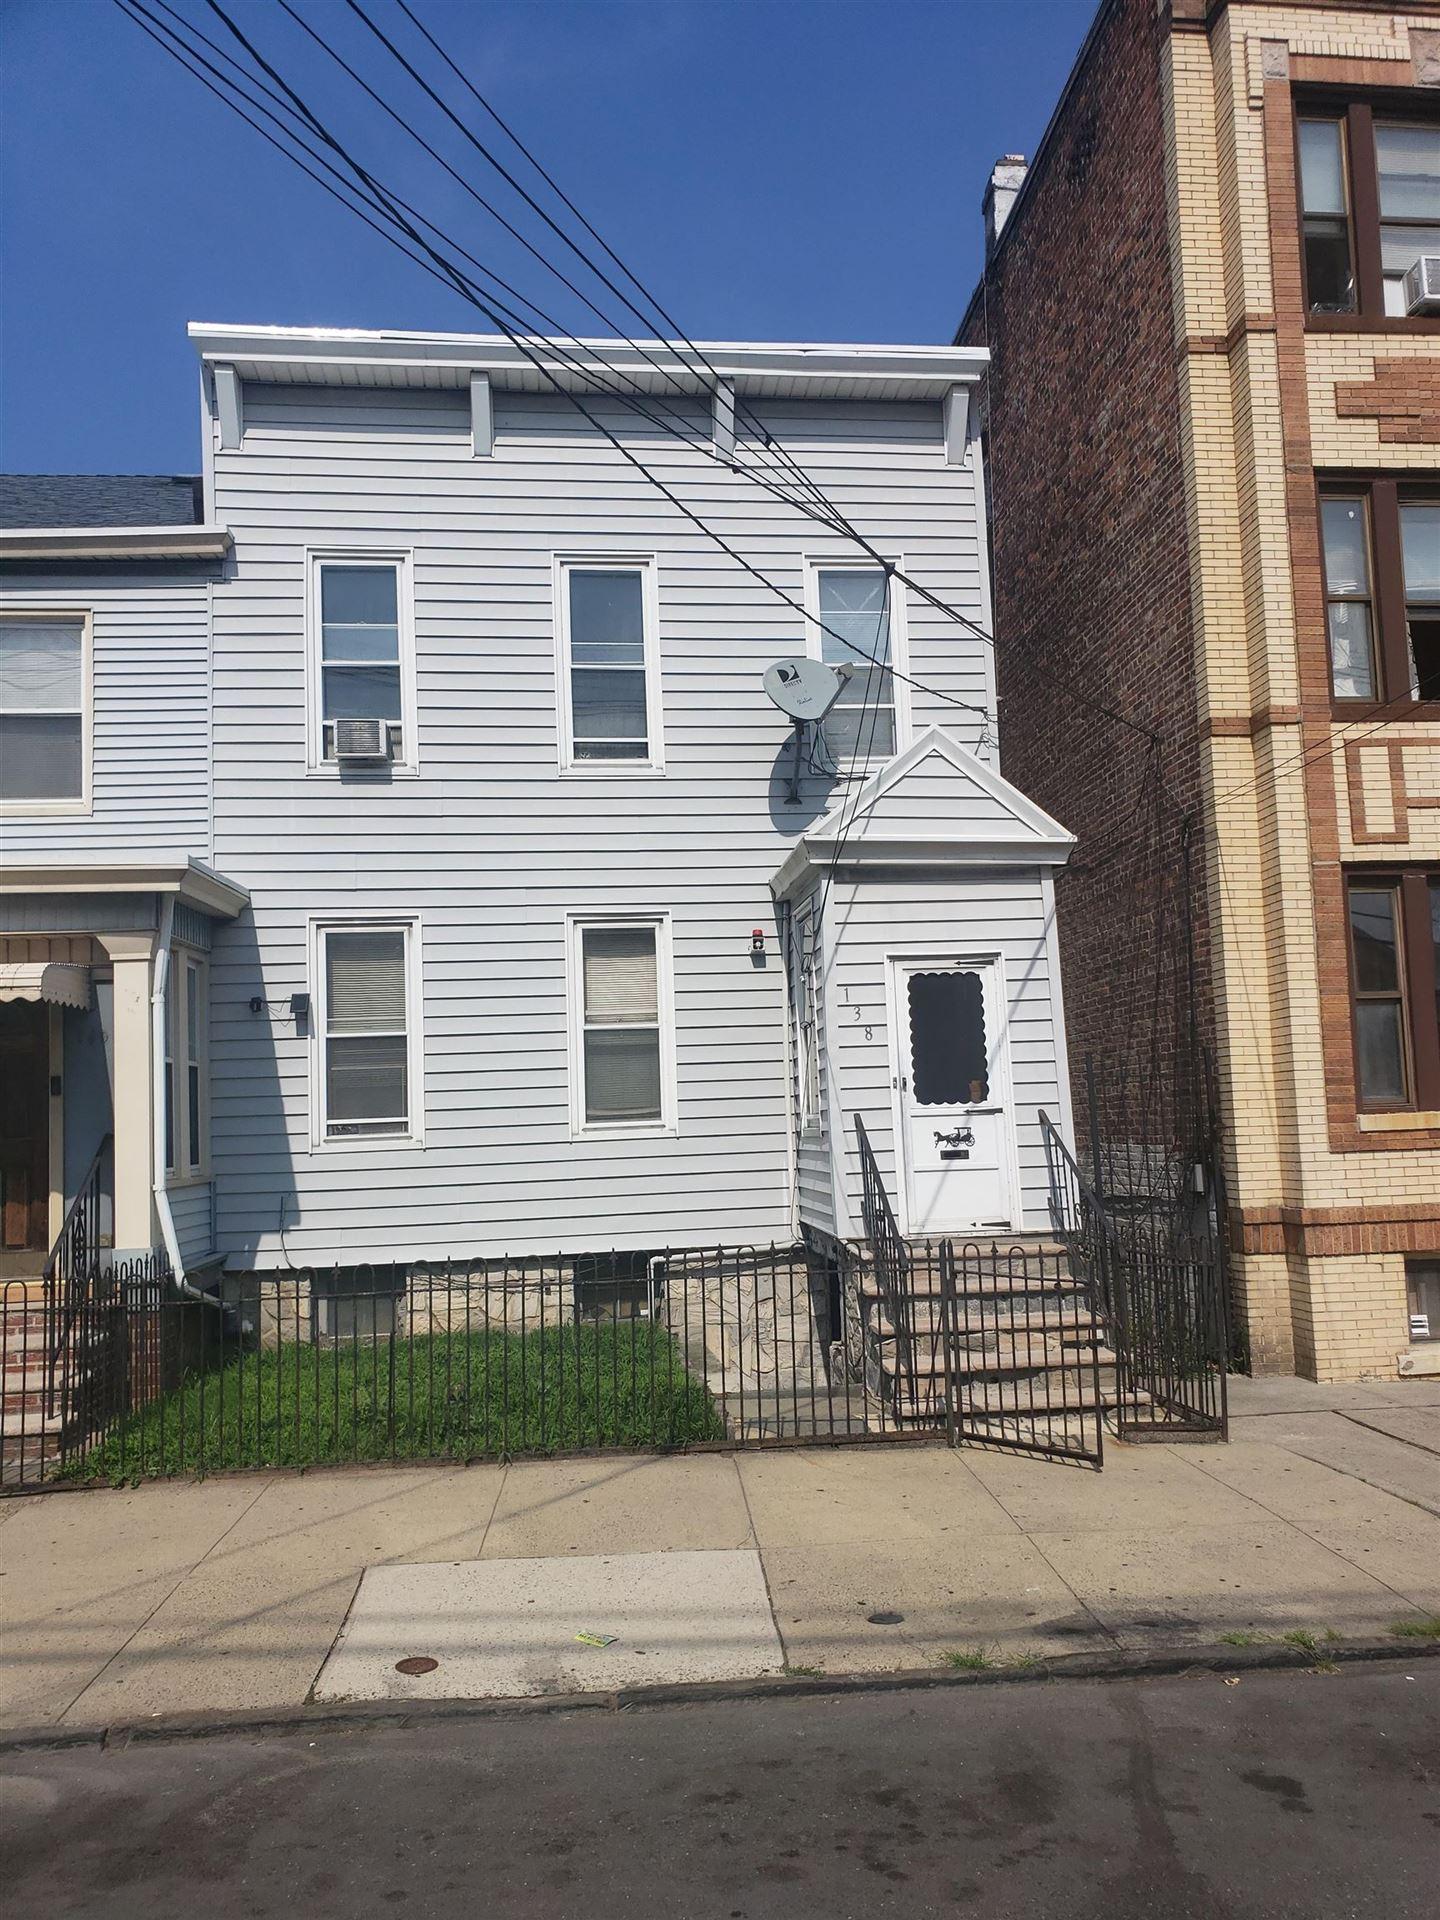 138 WINFIELD AVE, Jersey City, NJ 07305 - #: 210020308